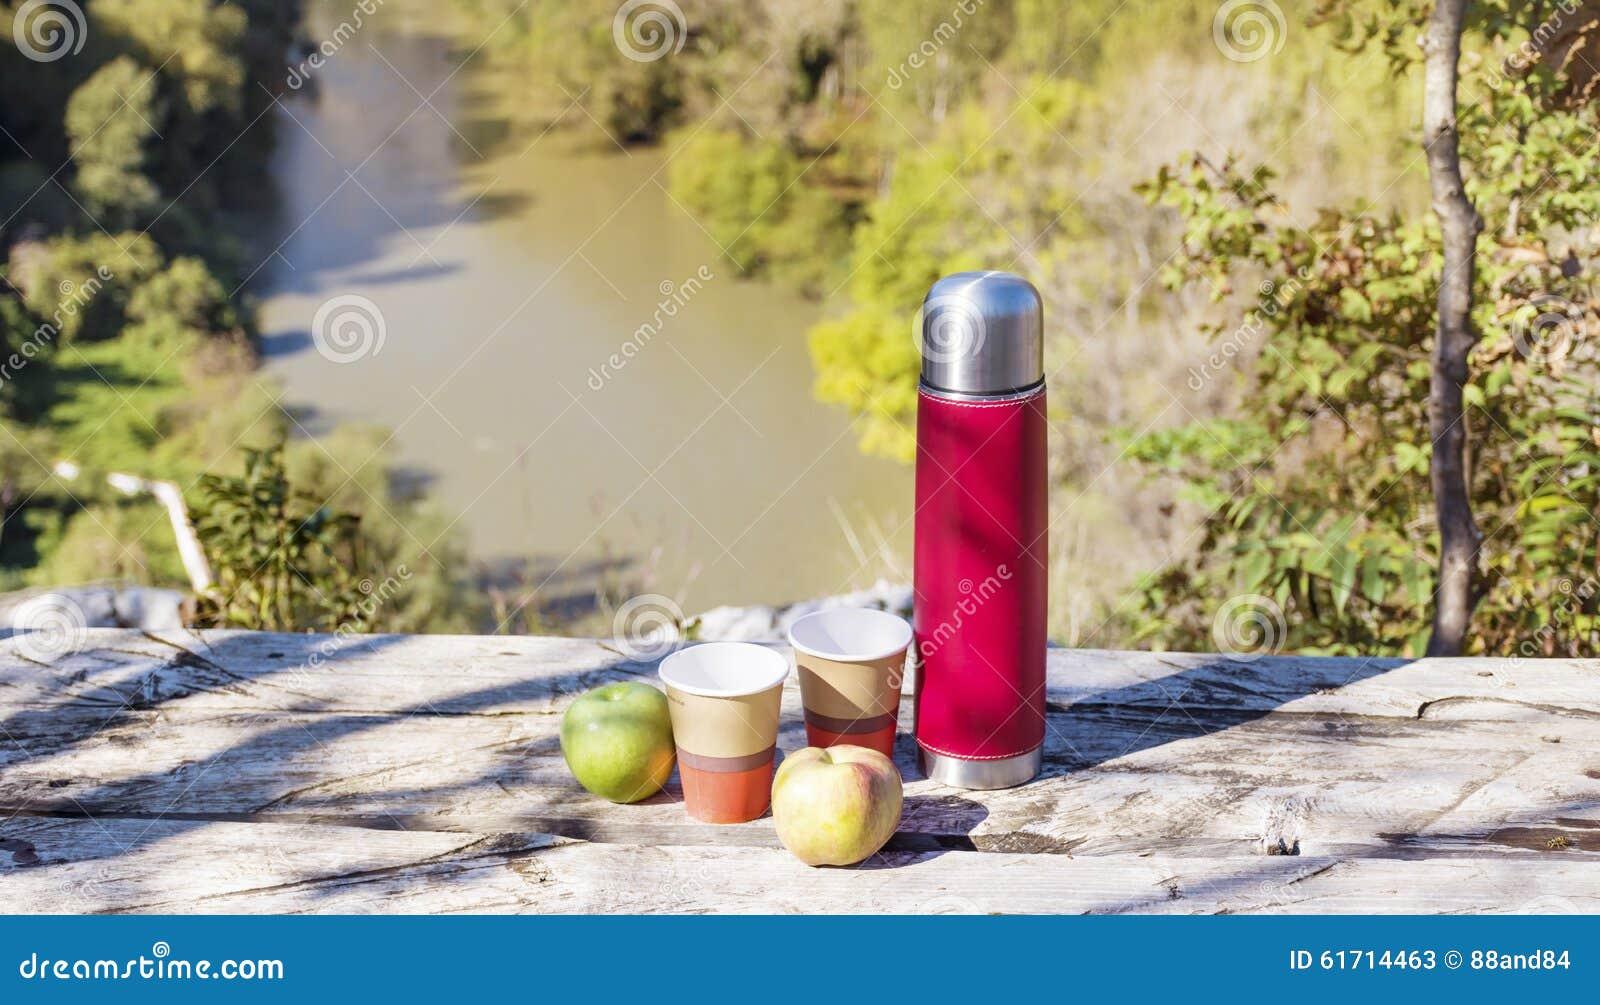 Meriende en el campo en la alta montaña con el termo, el café y manzanas rojos